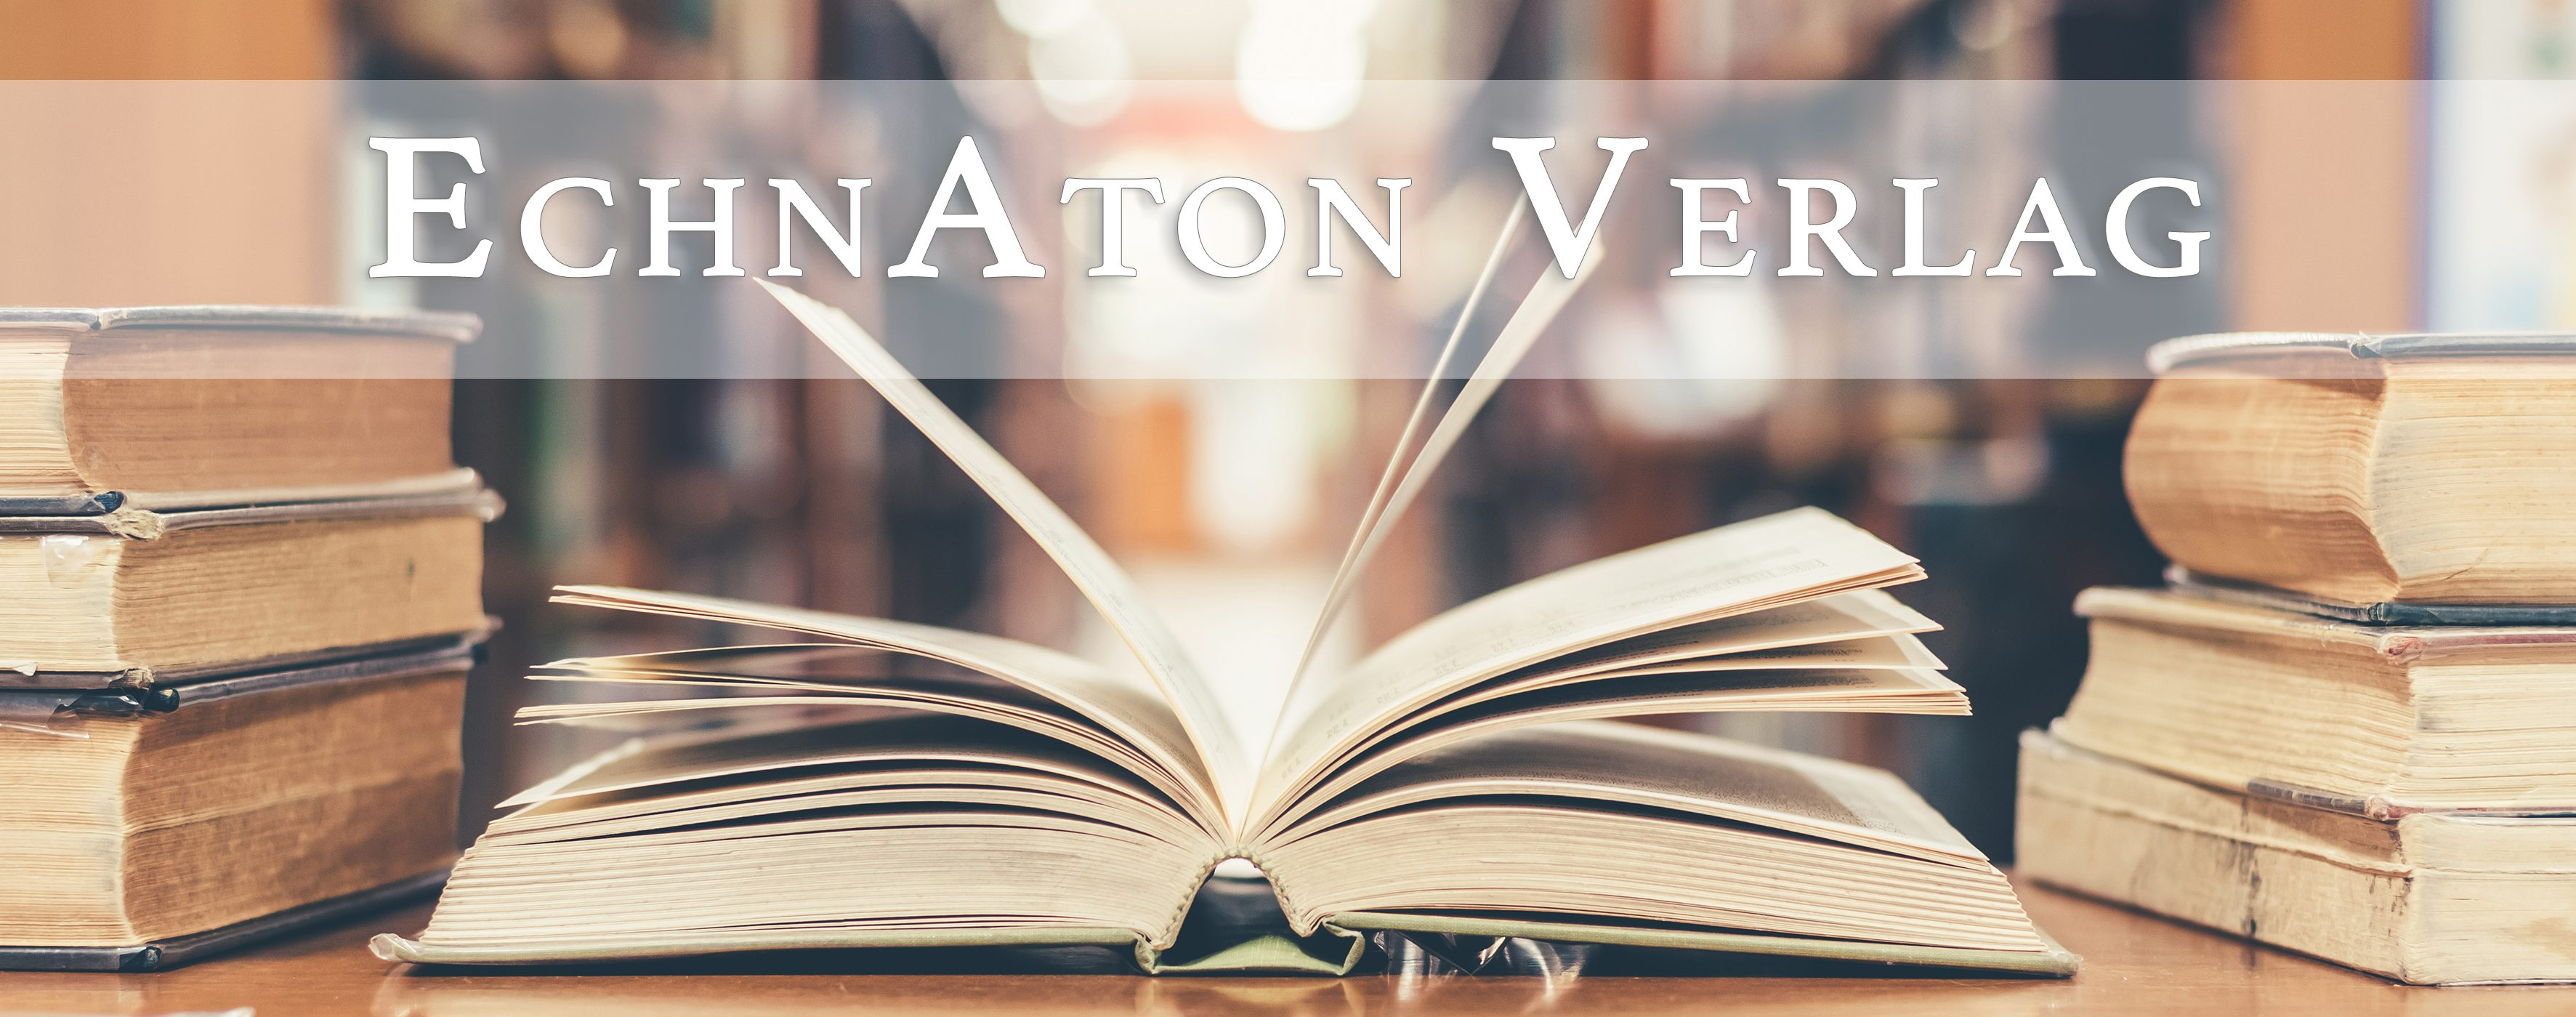 EchnAton Verlag